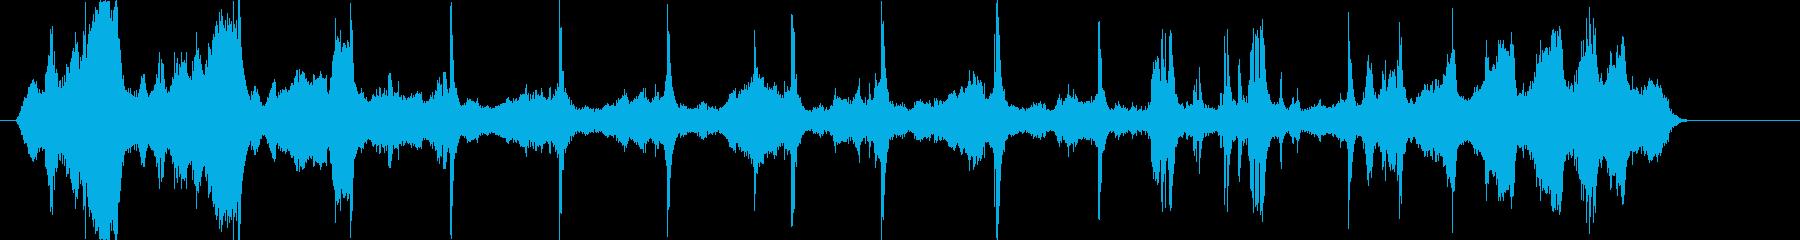 【電気ノイズトレーラー】ブーン バチッの再生済みの波形